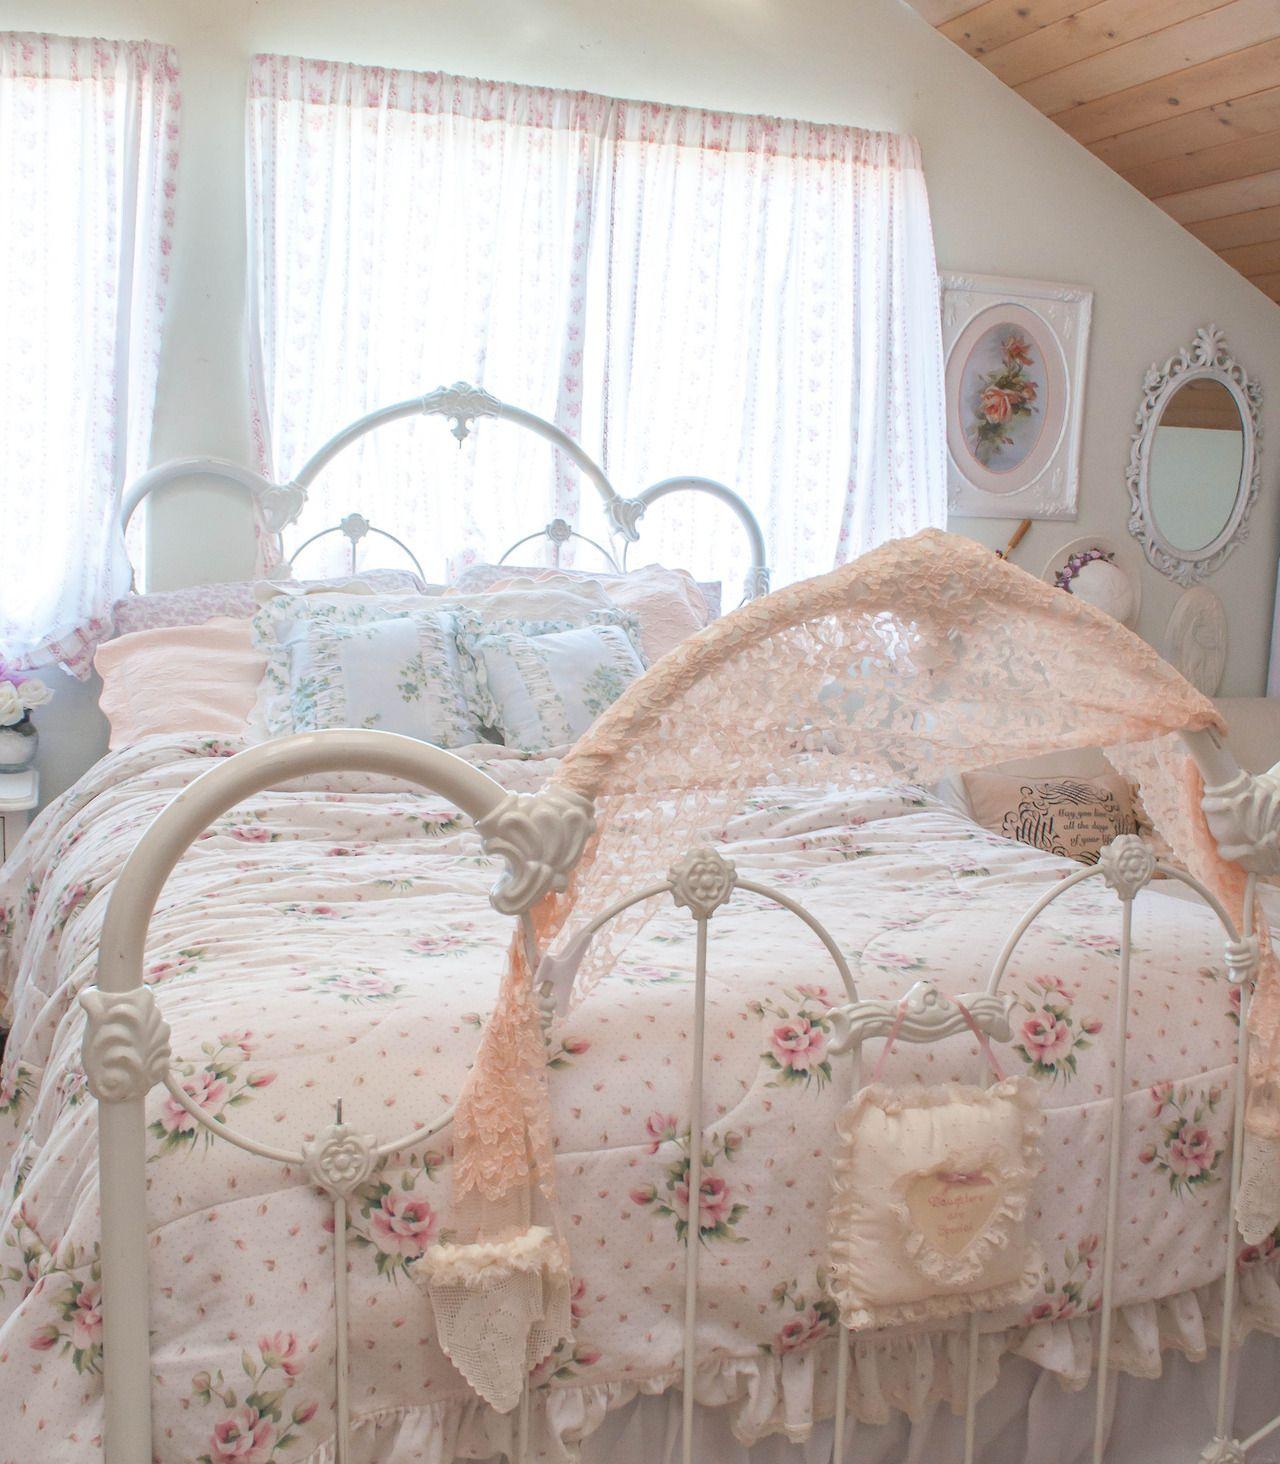 Vintage white metal bed frame - Bed Frames